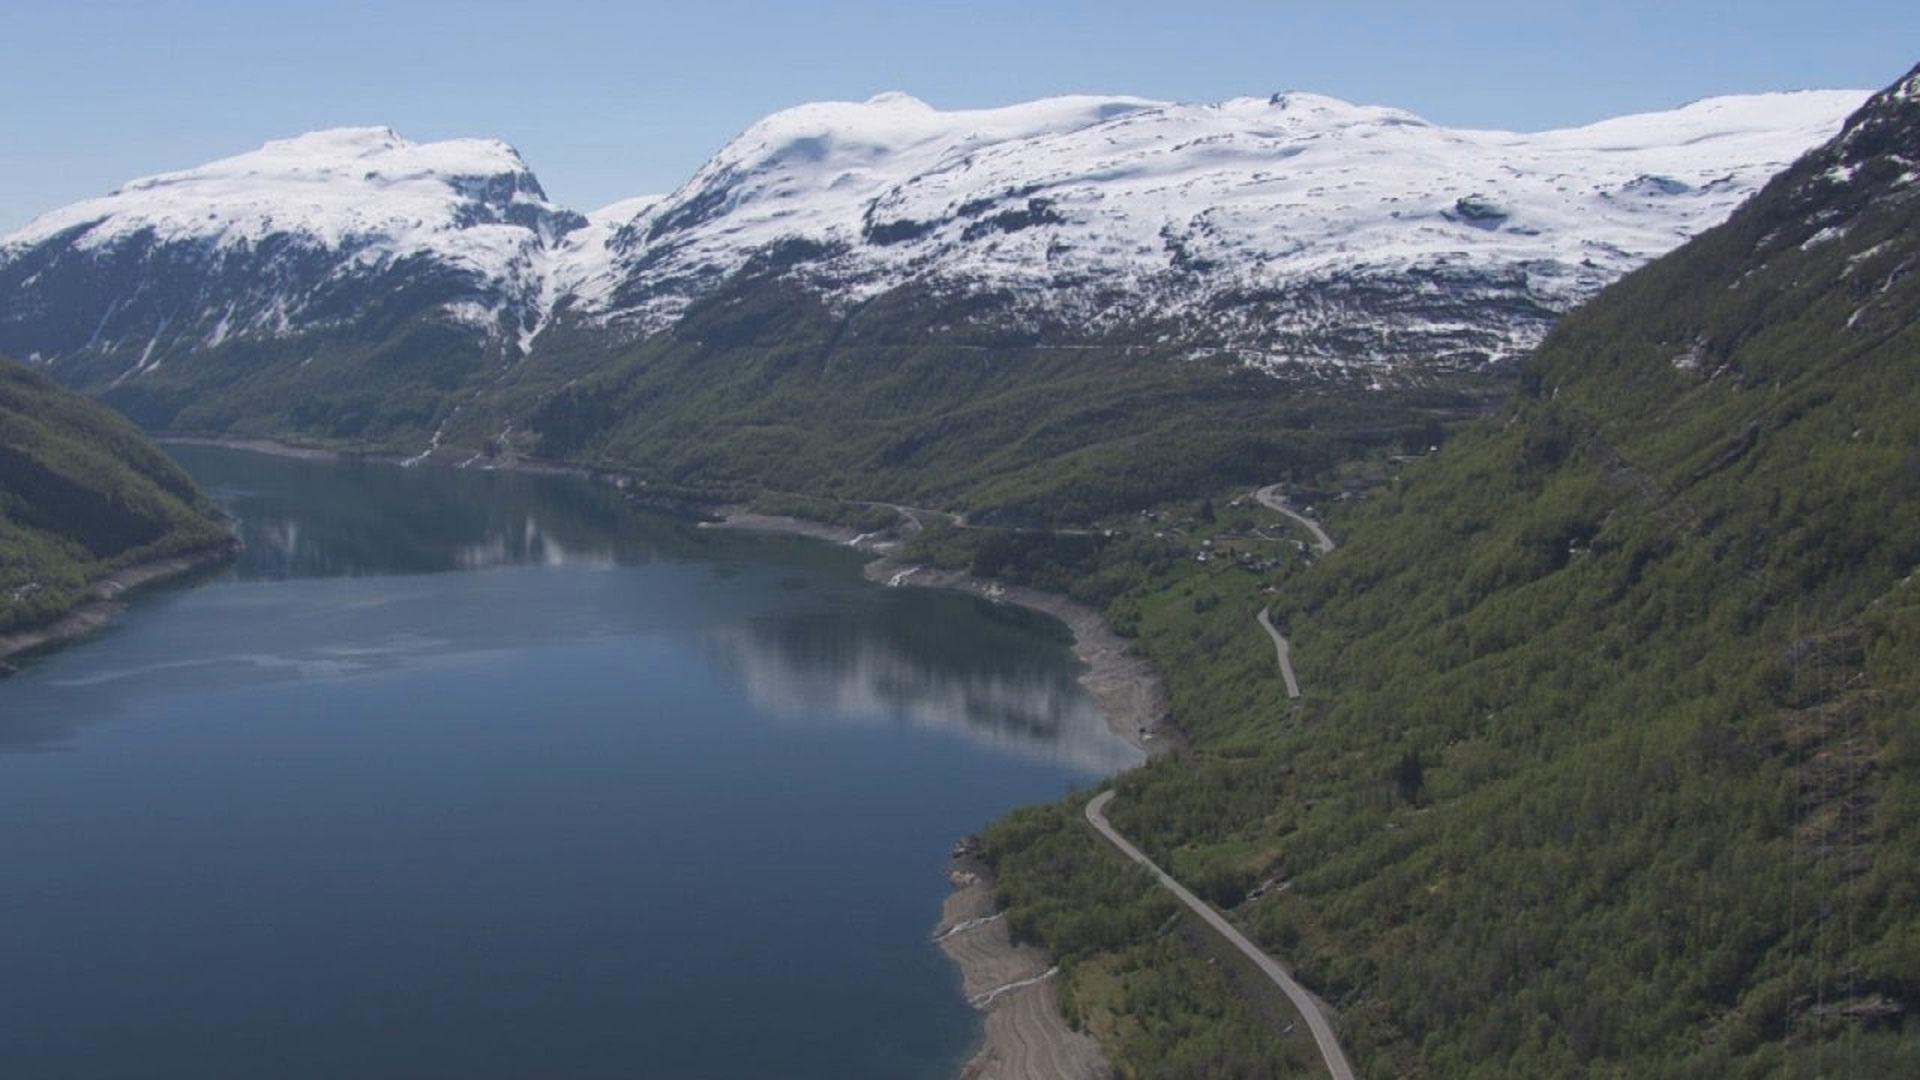 2019, roldal skisenter, norvege